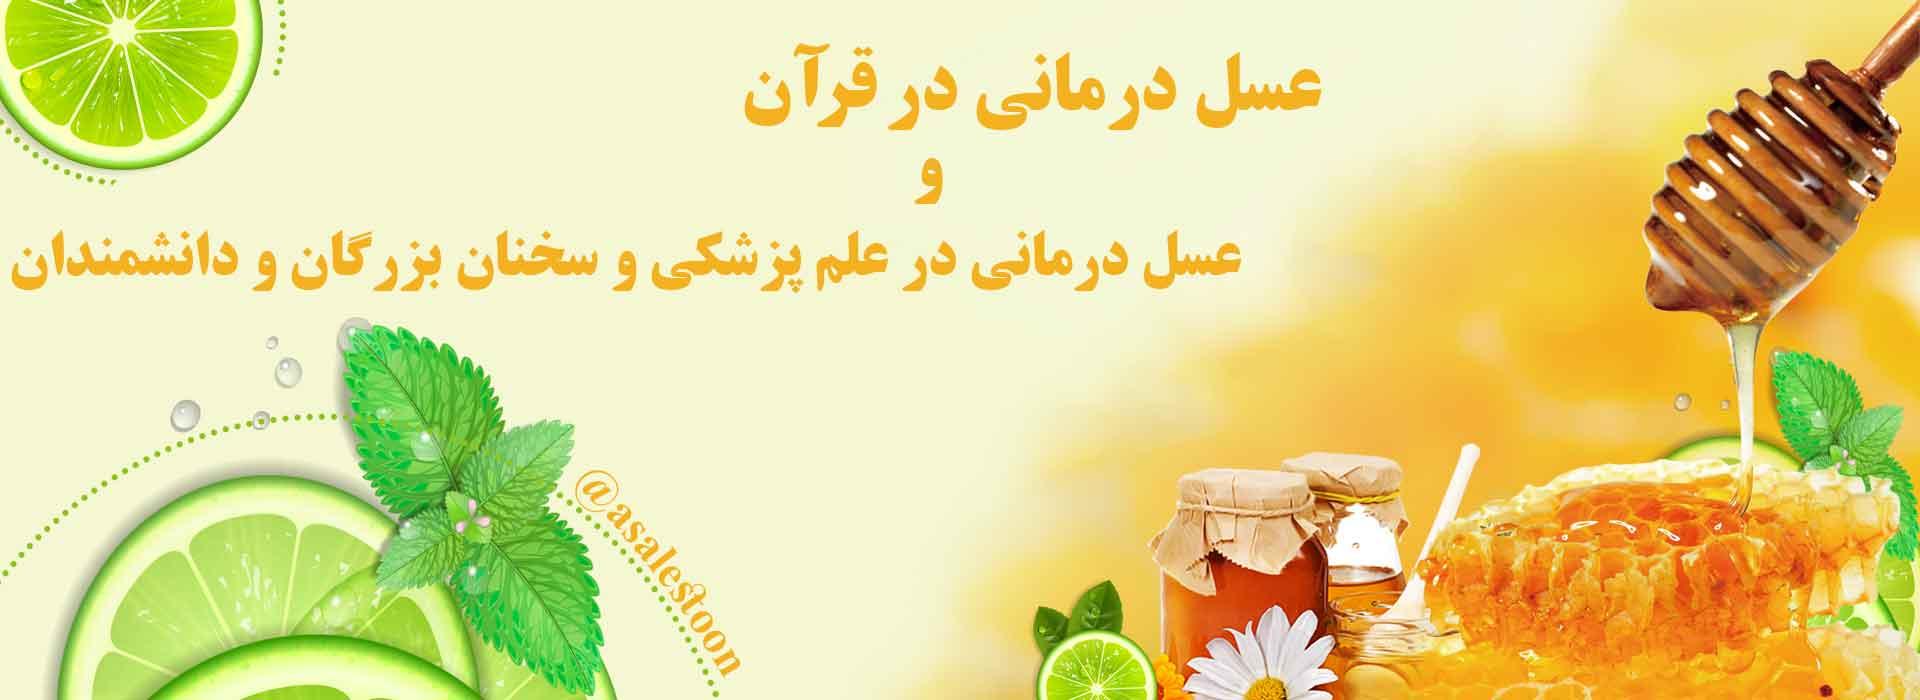 عسل درمانی در قرآن و عسل درمانی در علم پزشکی و سخنان بزرگان و دانشمندان